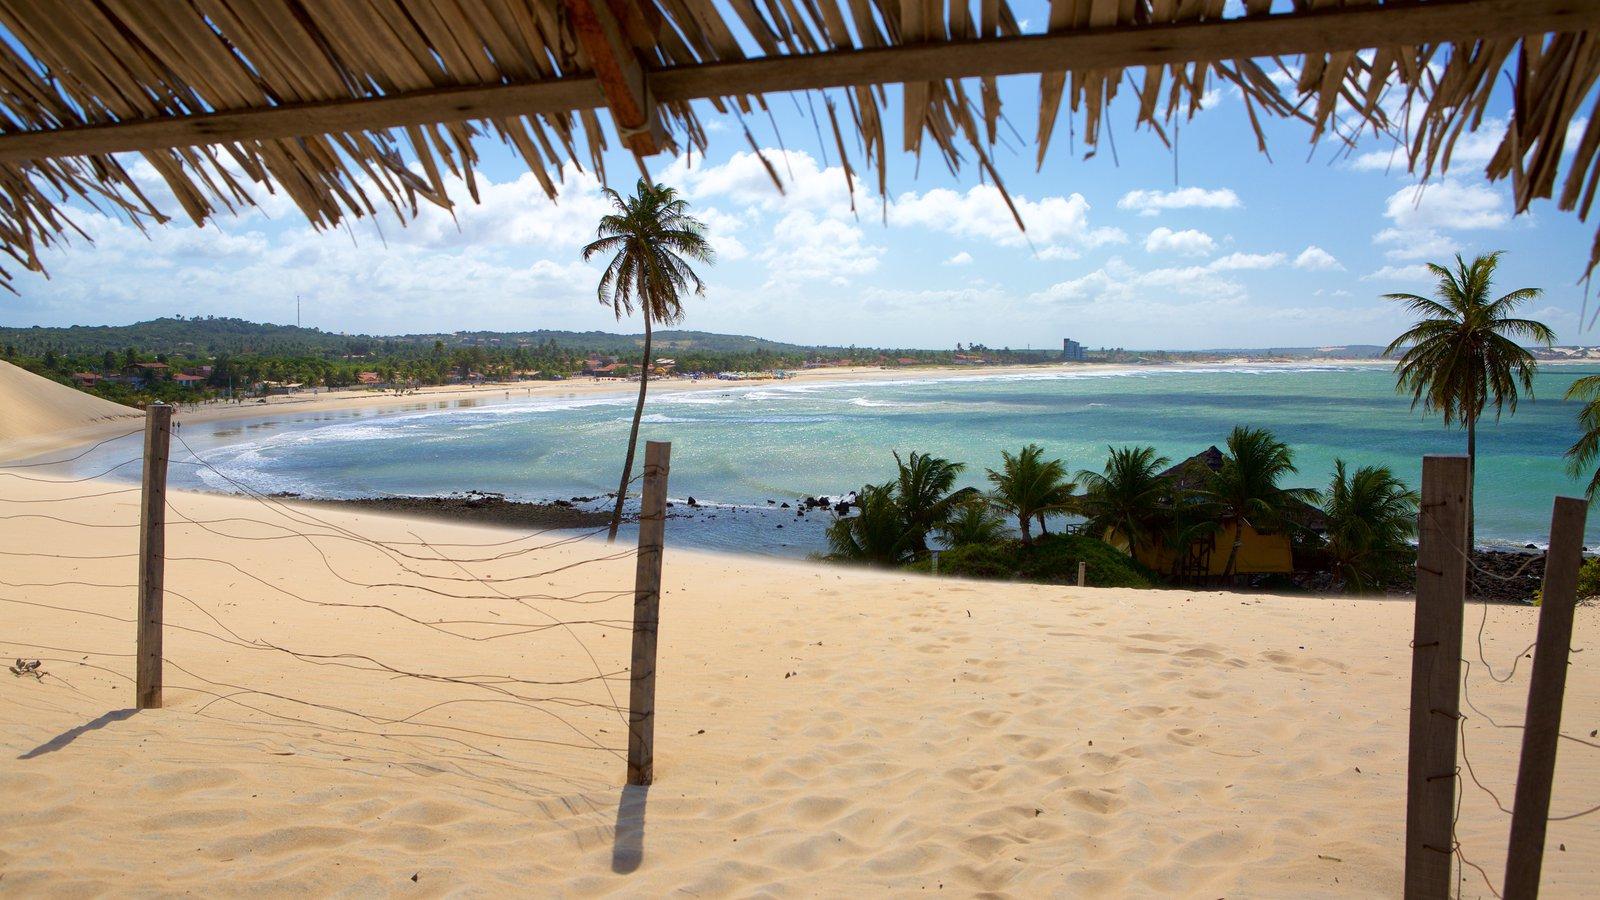 Praia de Genipabú que inclui paisagens litorâneas, uma praia de areia e cenas tropicais